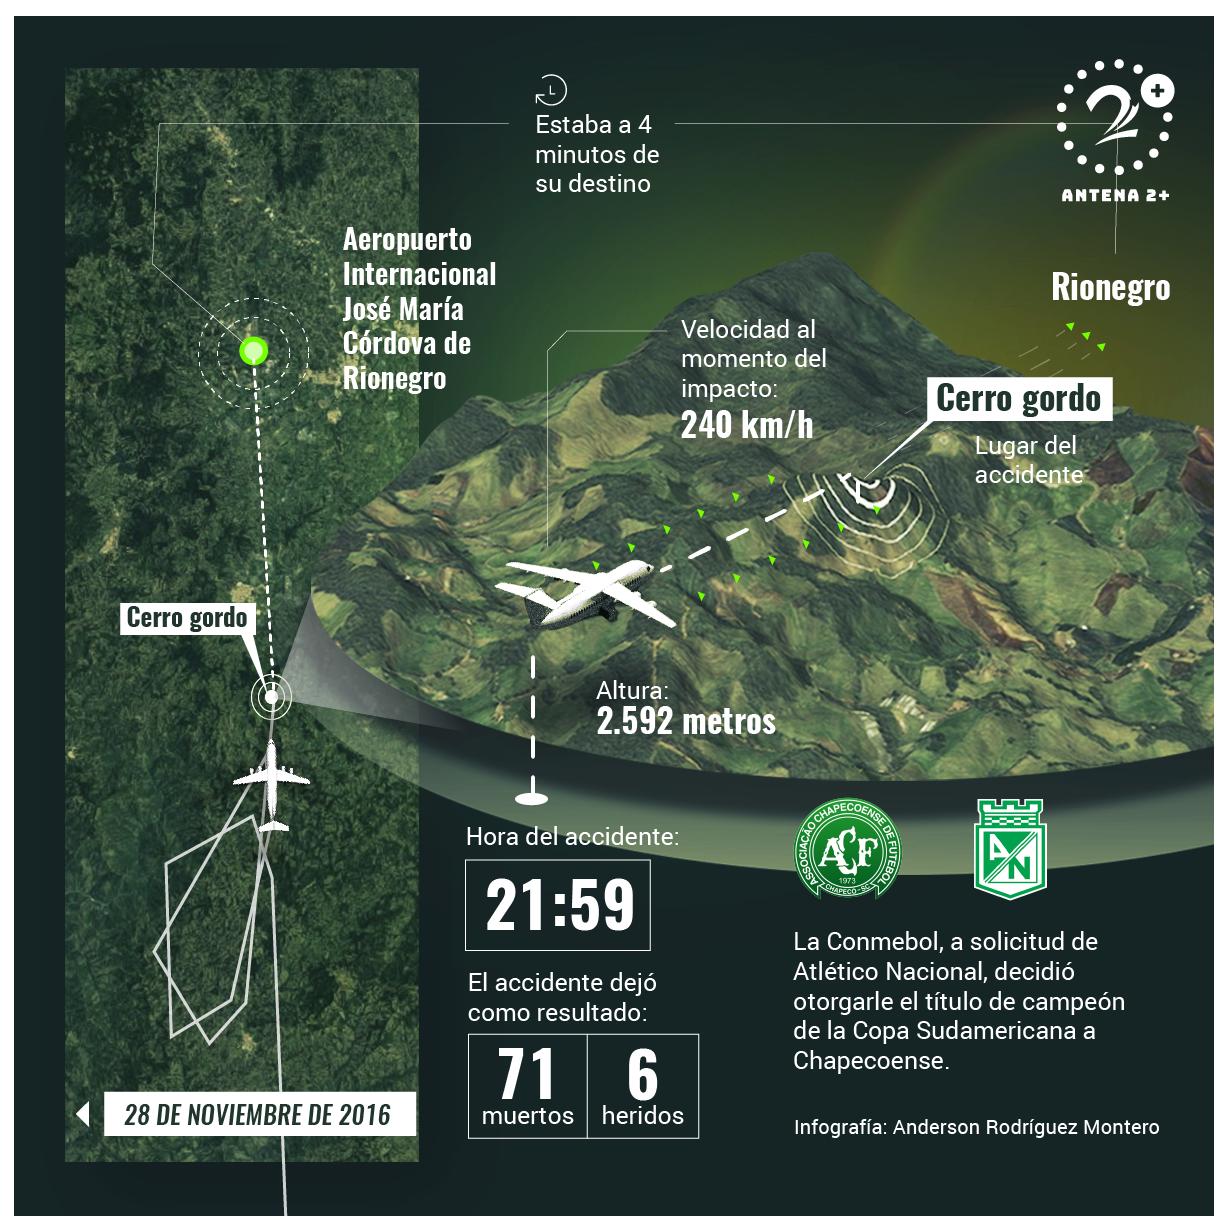 El vuelo LaMia se chocó en el cerro Gordo, a 4 minutos de la pista del aeropuerto